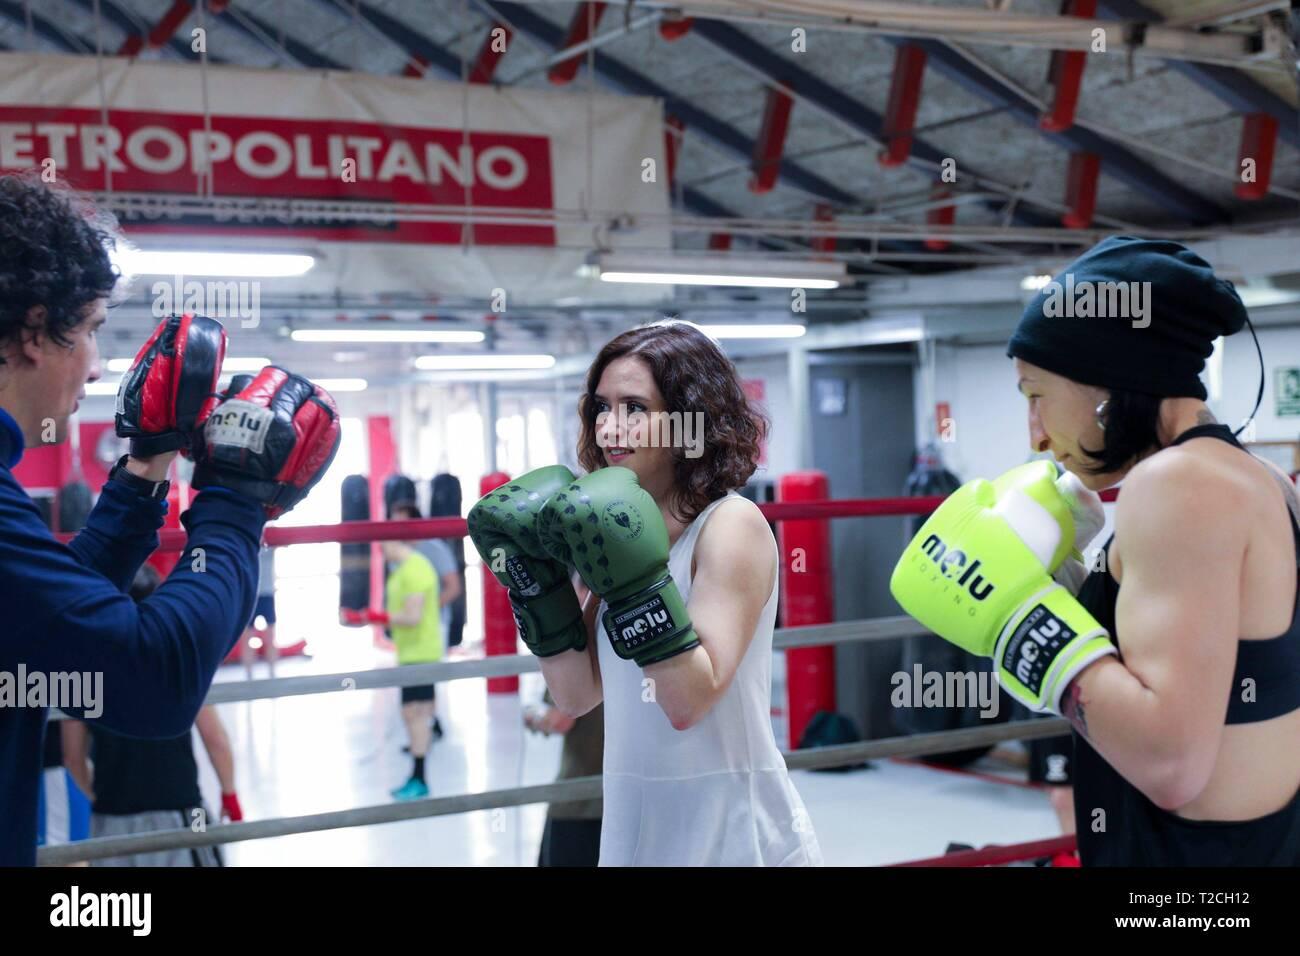 Il Partito Popolare (PP) candidato per la Presidenza della Comunità di Madrid, Isabel Diaz-Ayuso visto traininng con la Comunità europea il campione del pugilato, Miriam Guitierrez. Cordon premere Immagini Stock